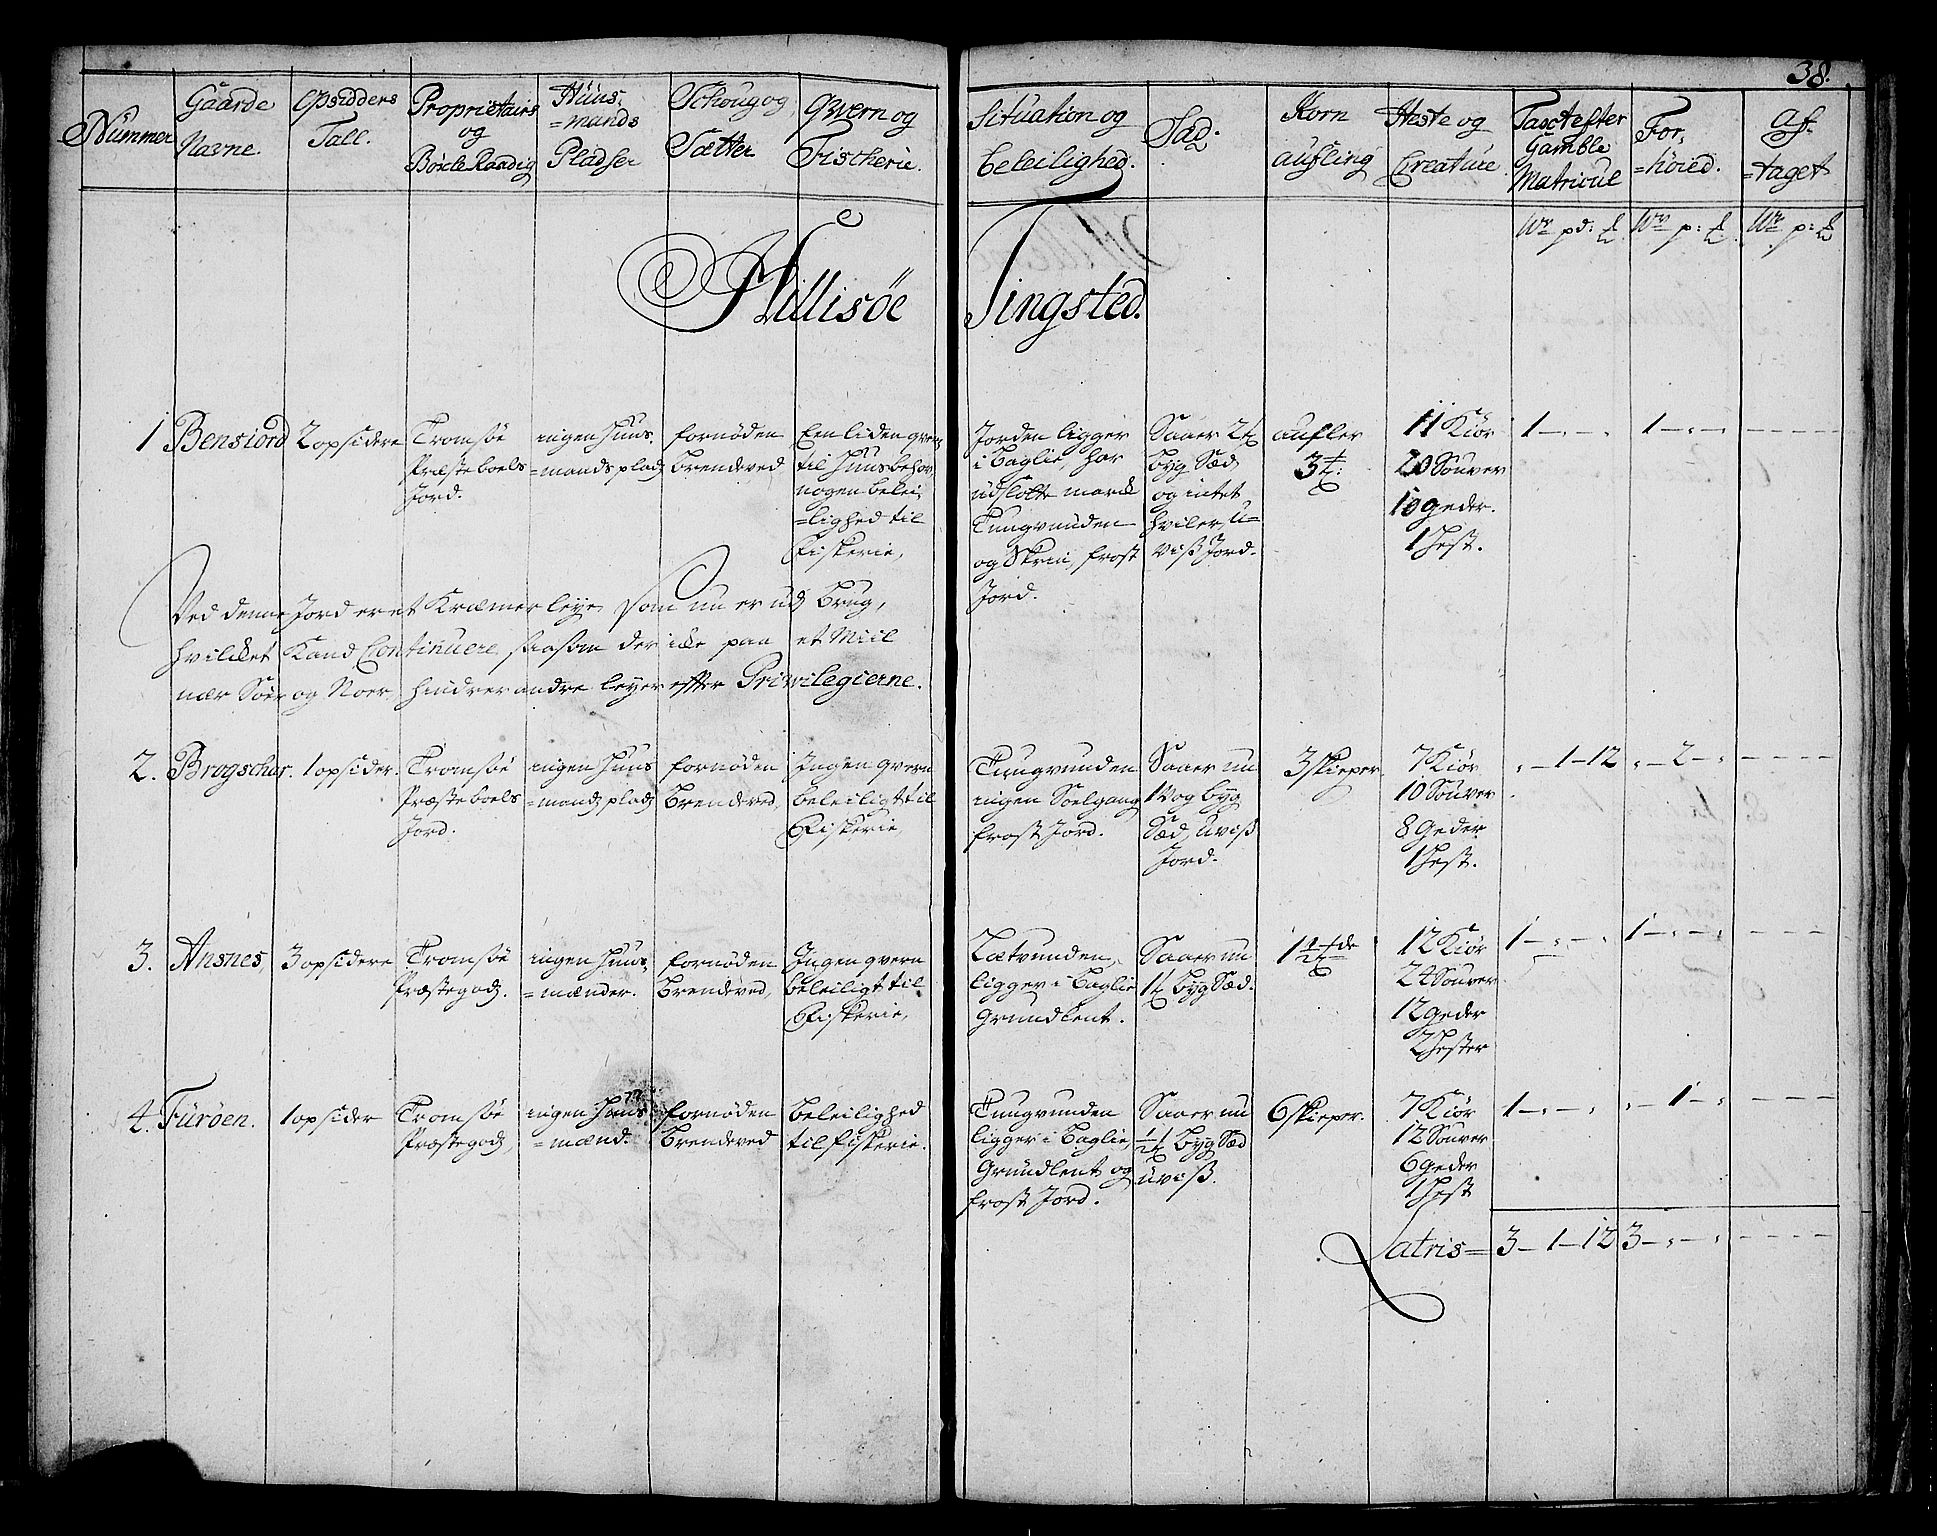 RA, Rentekammeret inntil 1814, Realistisk ordnet avdeling, N/Nb/Nbf/L0180: Troms eksaminasjonsprotokoll, 1723, s. 37b-38a